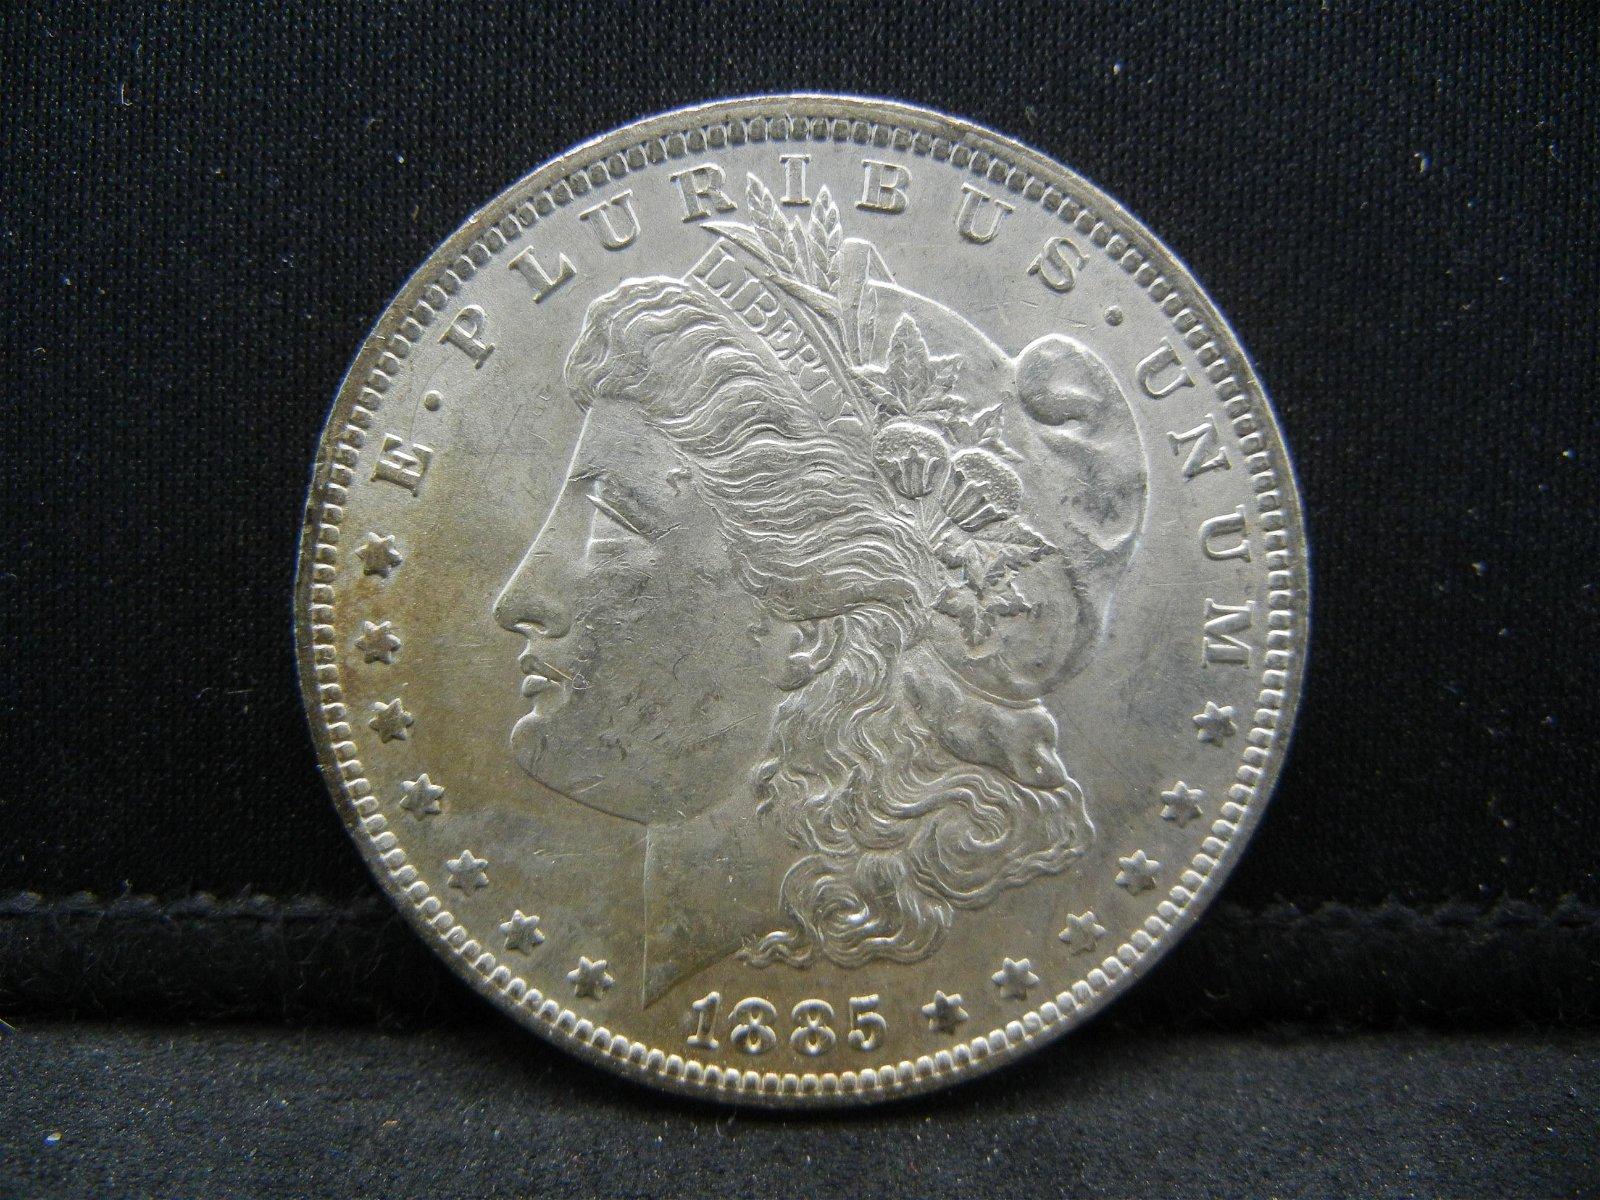 1885-O Attractive Morgan Silver Dollar. Very nice